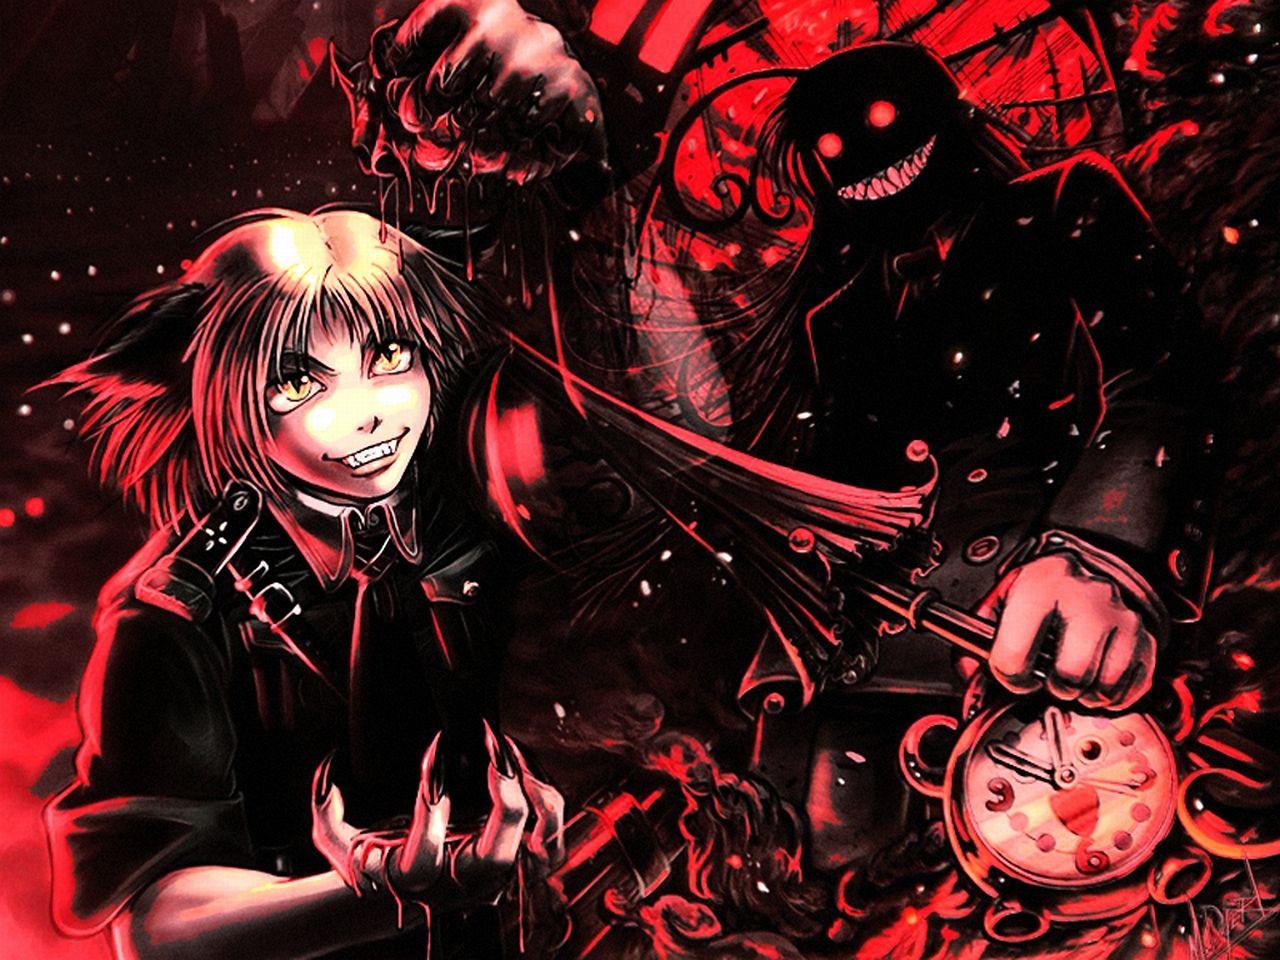 Hellsing Rip Van Winkle Anime And Manga Pinterest Anime Manga